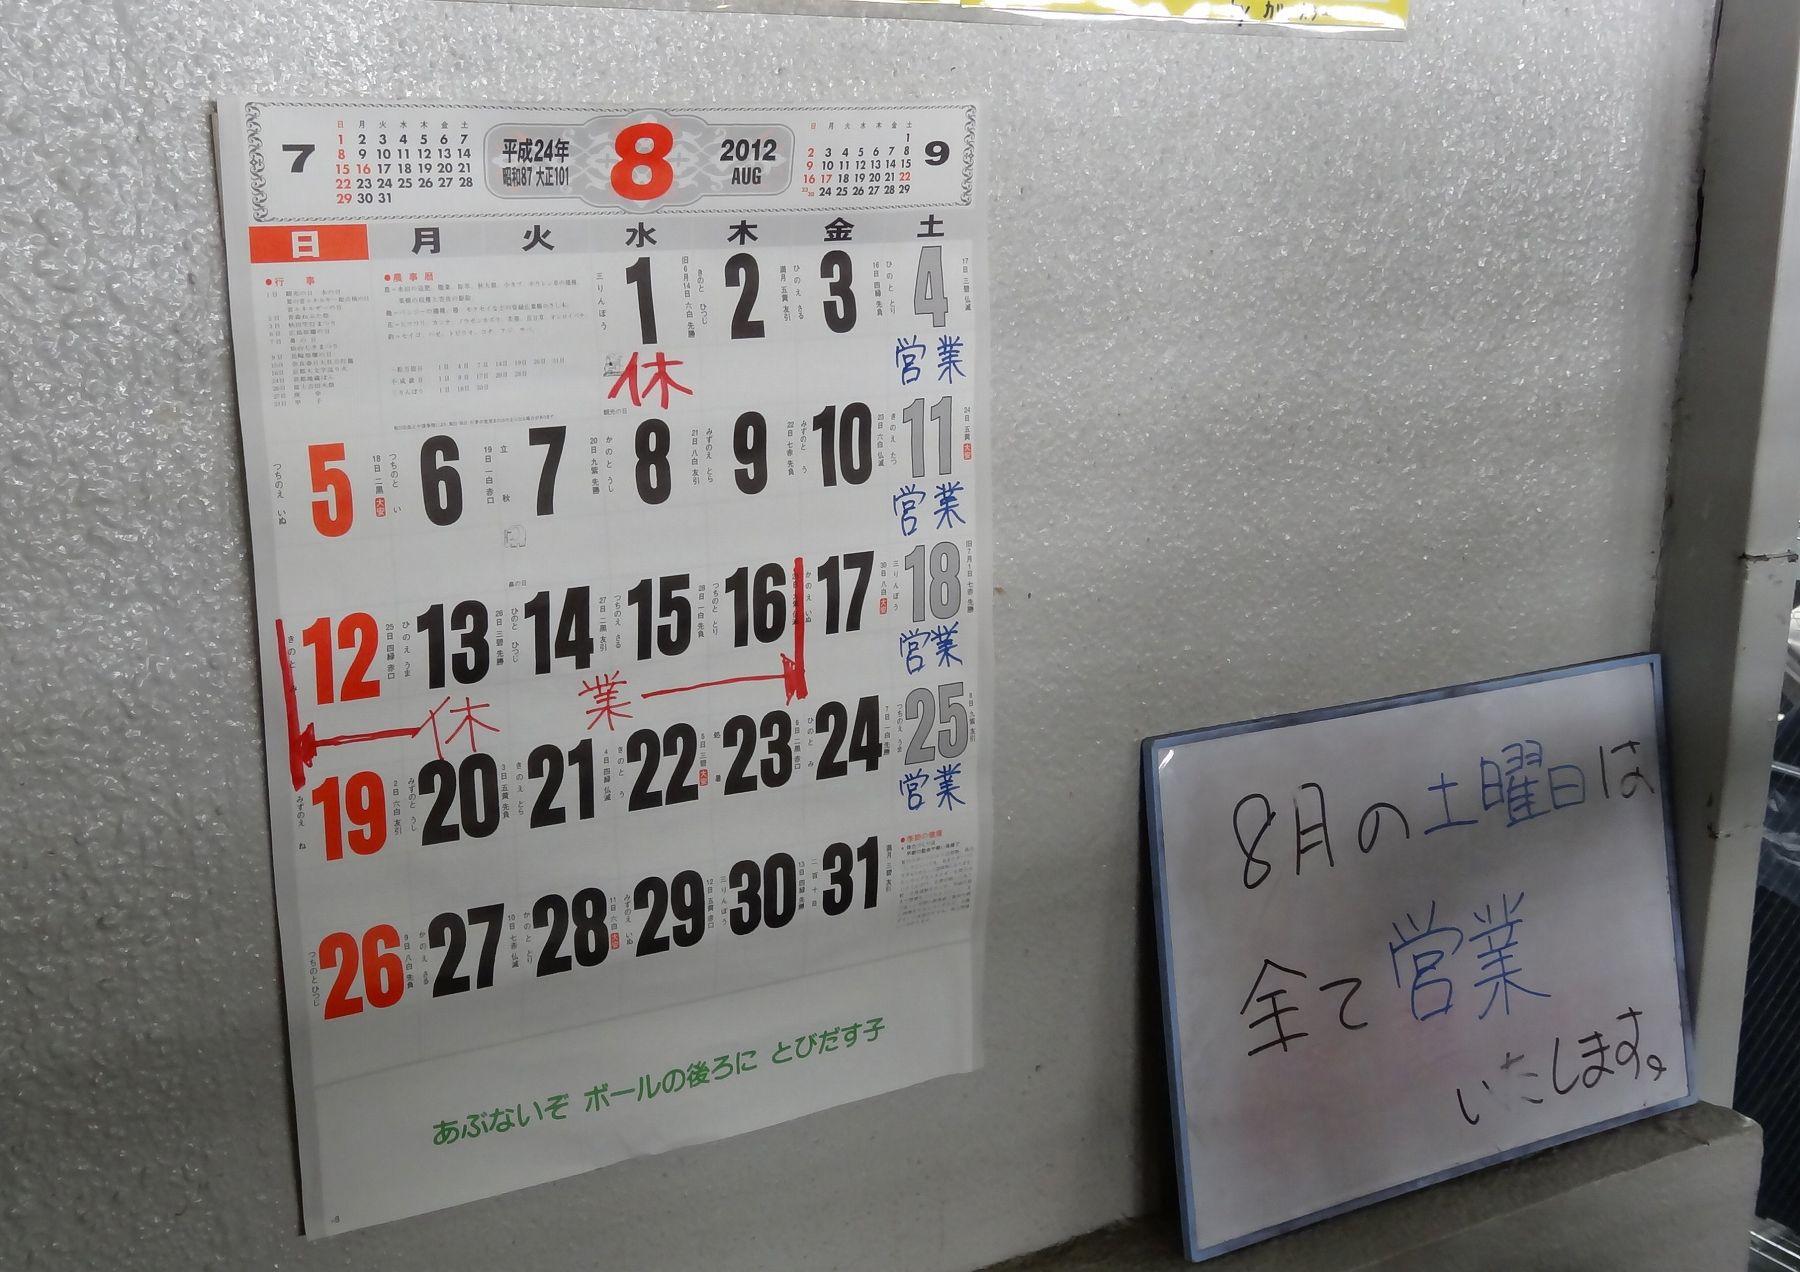 20120806003nishidai.jpg